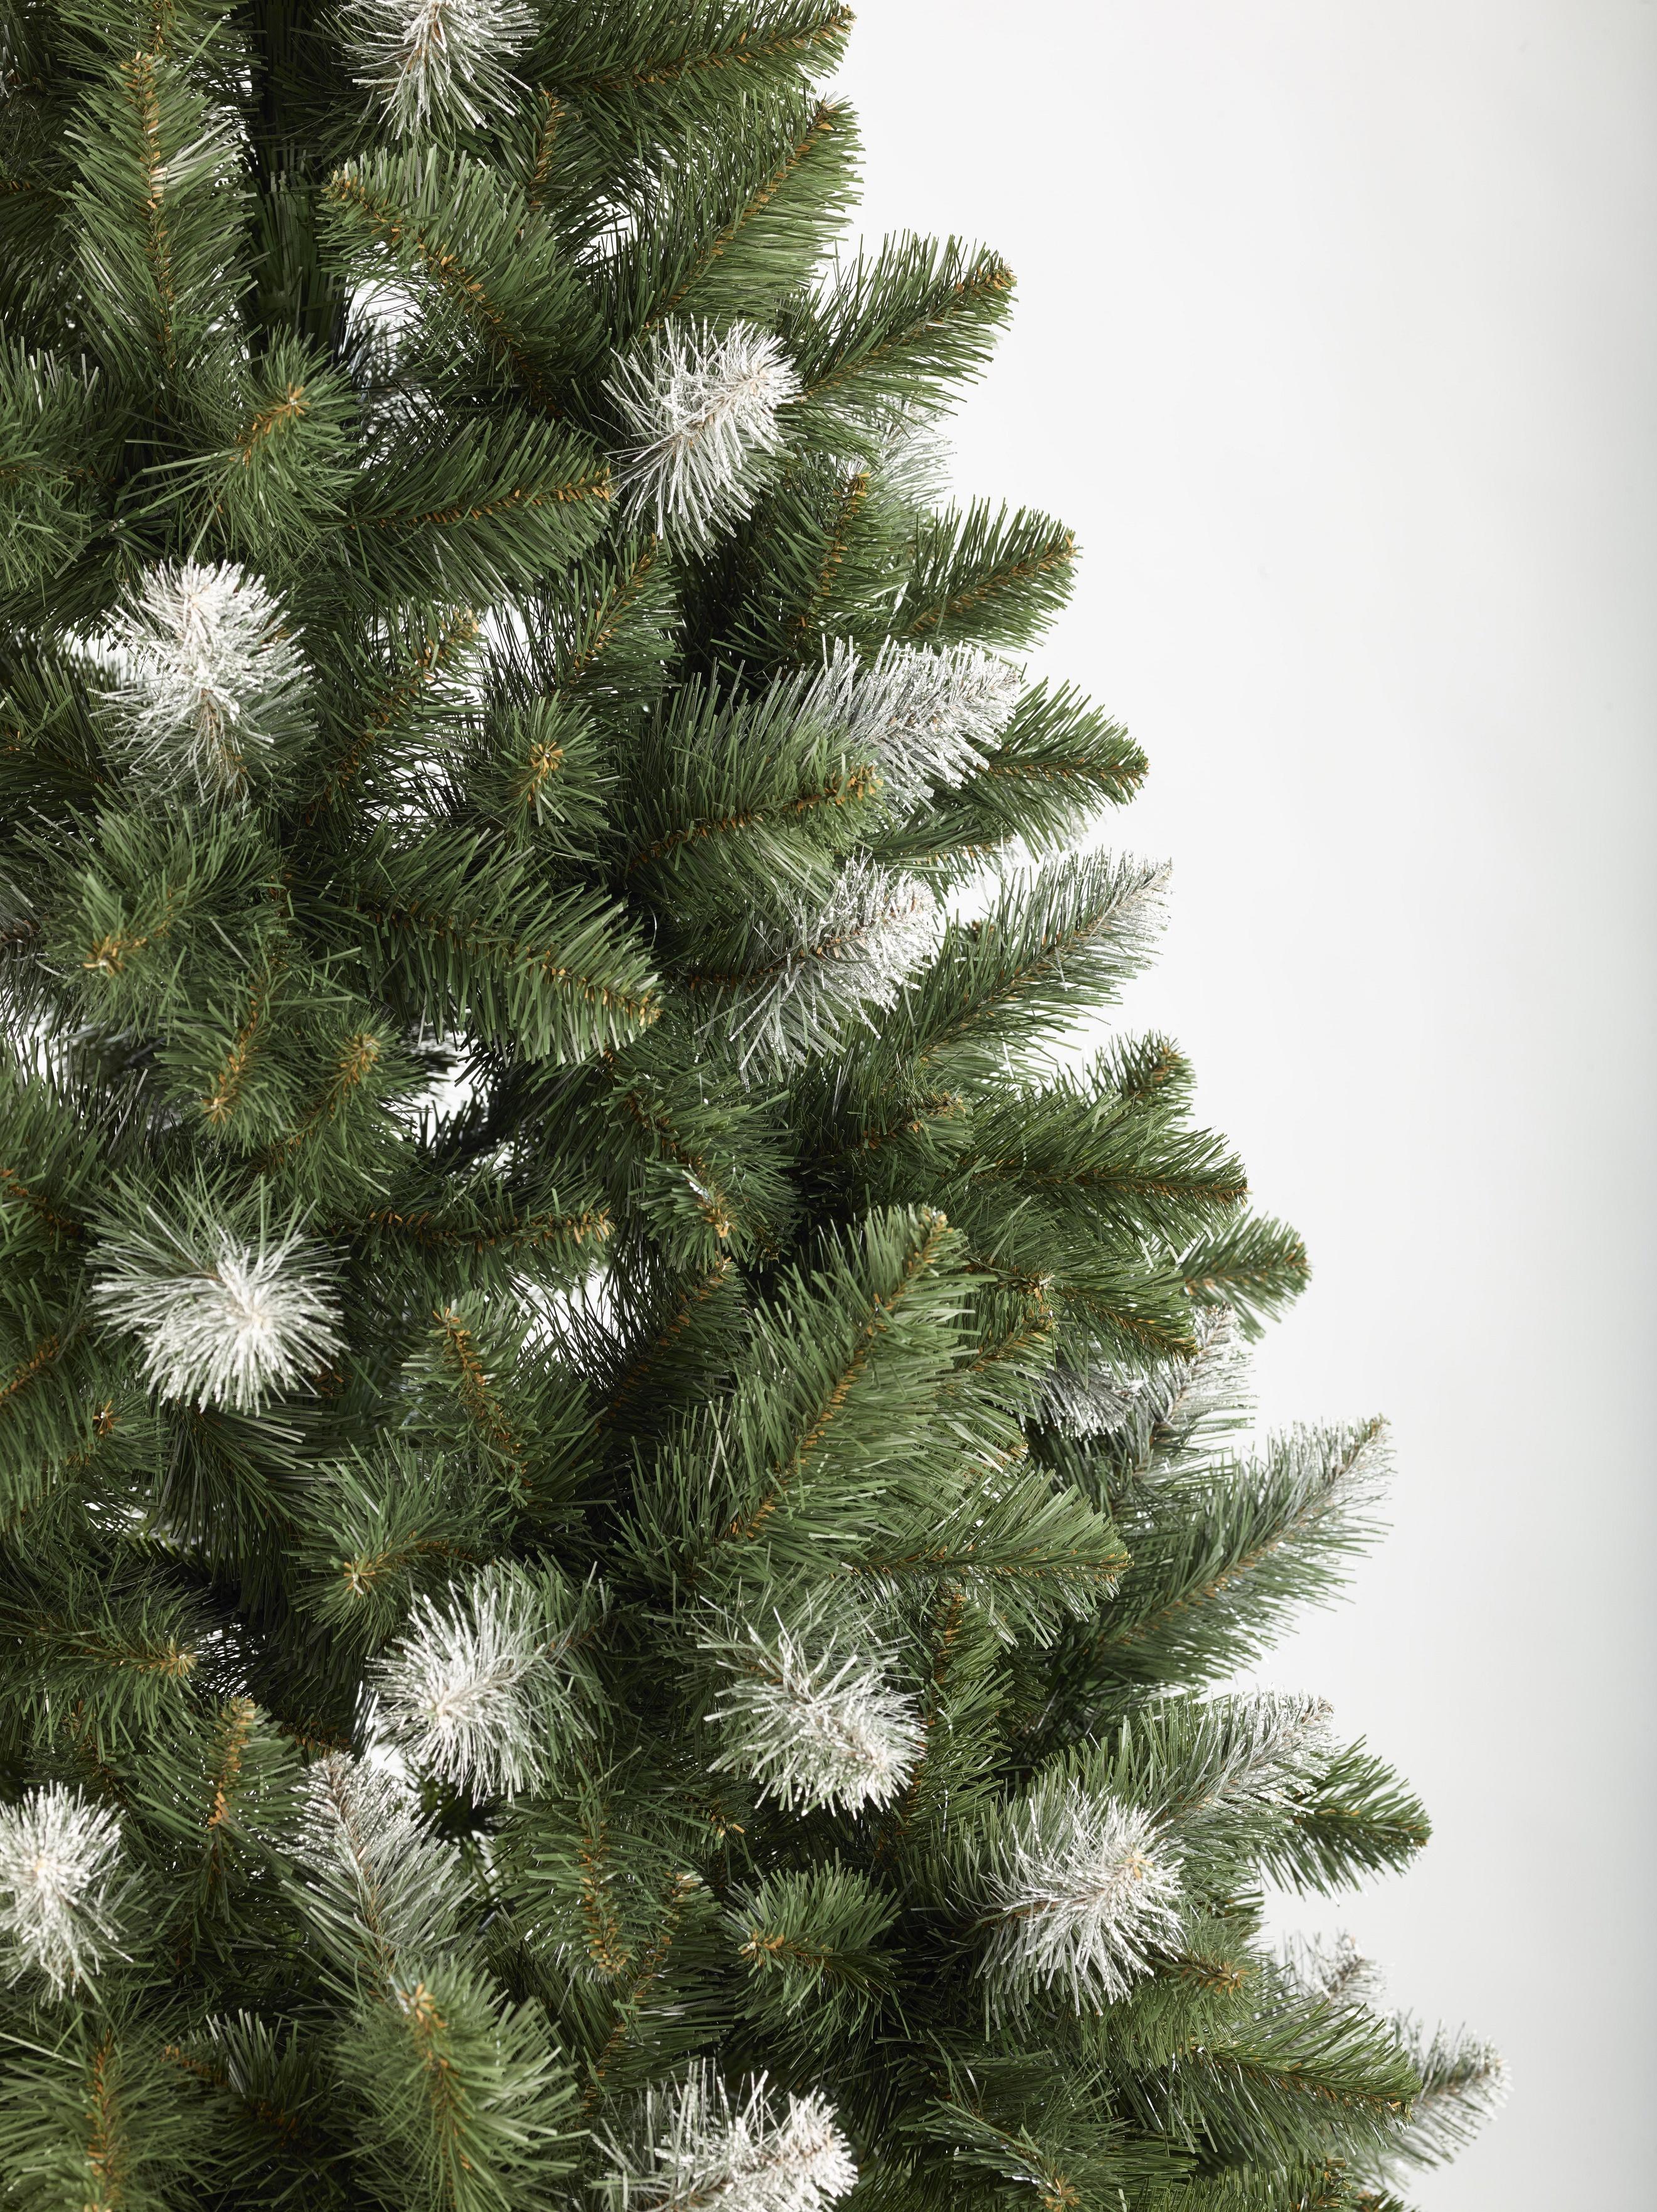 weihnachtsbaum tannenbaum tanne pola 120 150 180 220 250. Black Bedroom Furniture Sets. Home Design Ideas